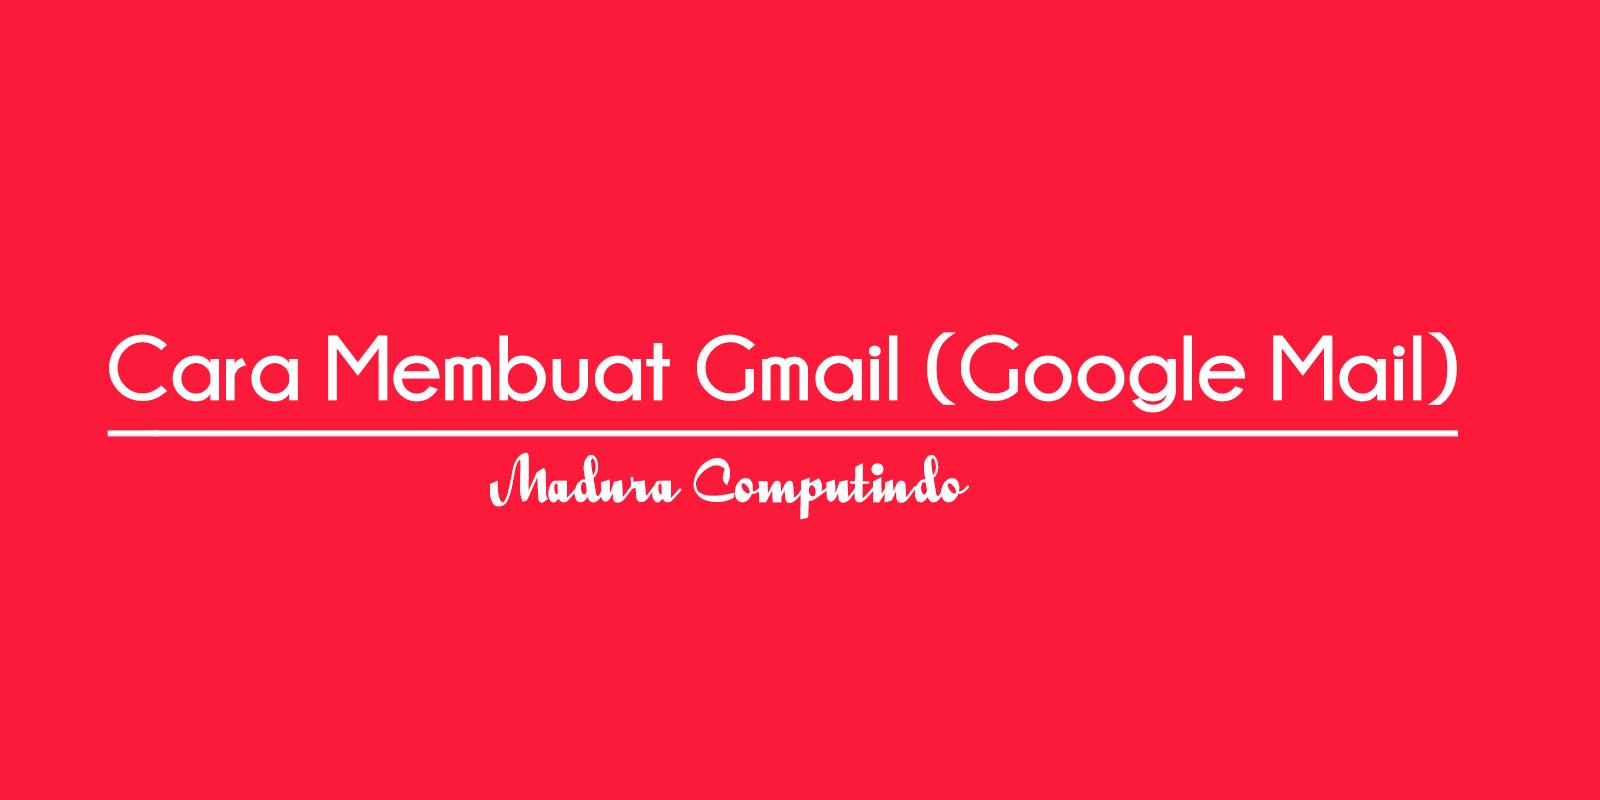 Cara Membuat Gmail Untuk Pemula